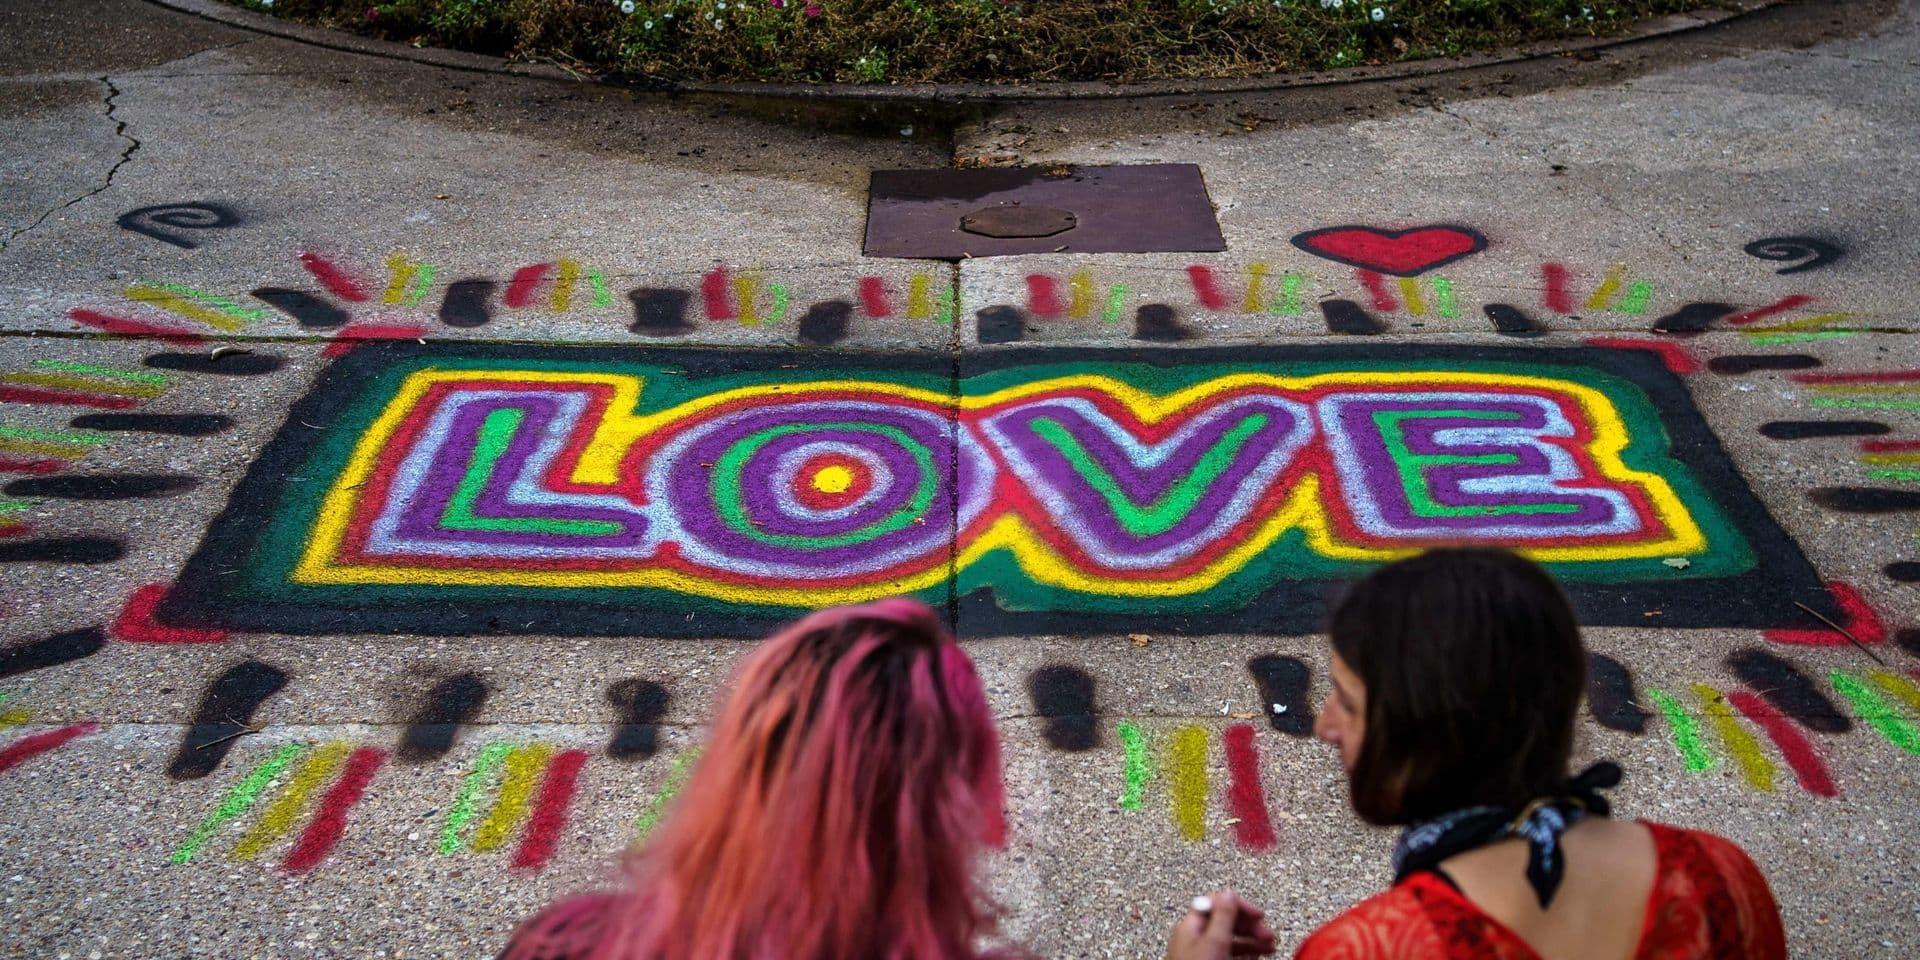 """A Kenosha, couleurs et graffitis pour faire oublier émeutes et destructions: """"Croyez qu'il y a du bien dans le monde"""""""